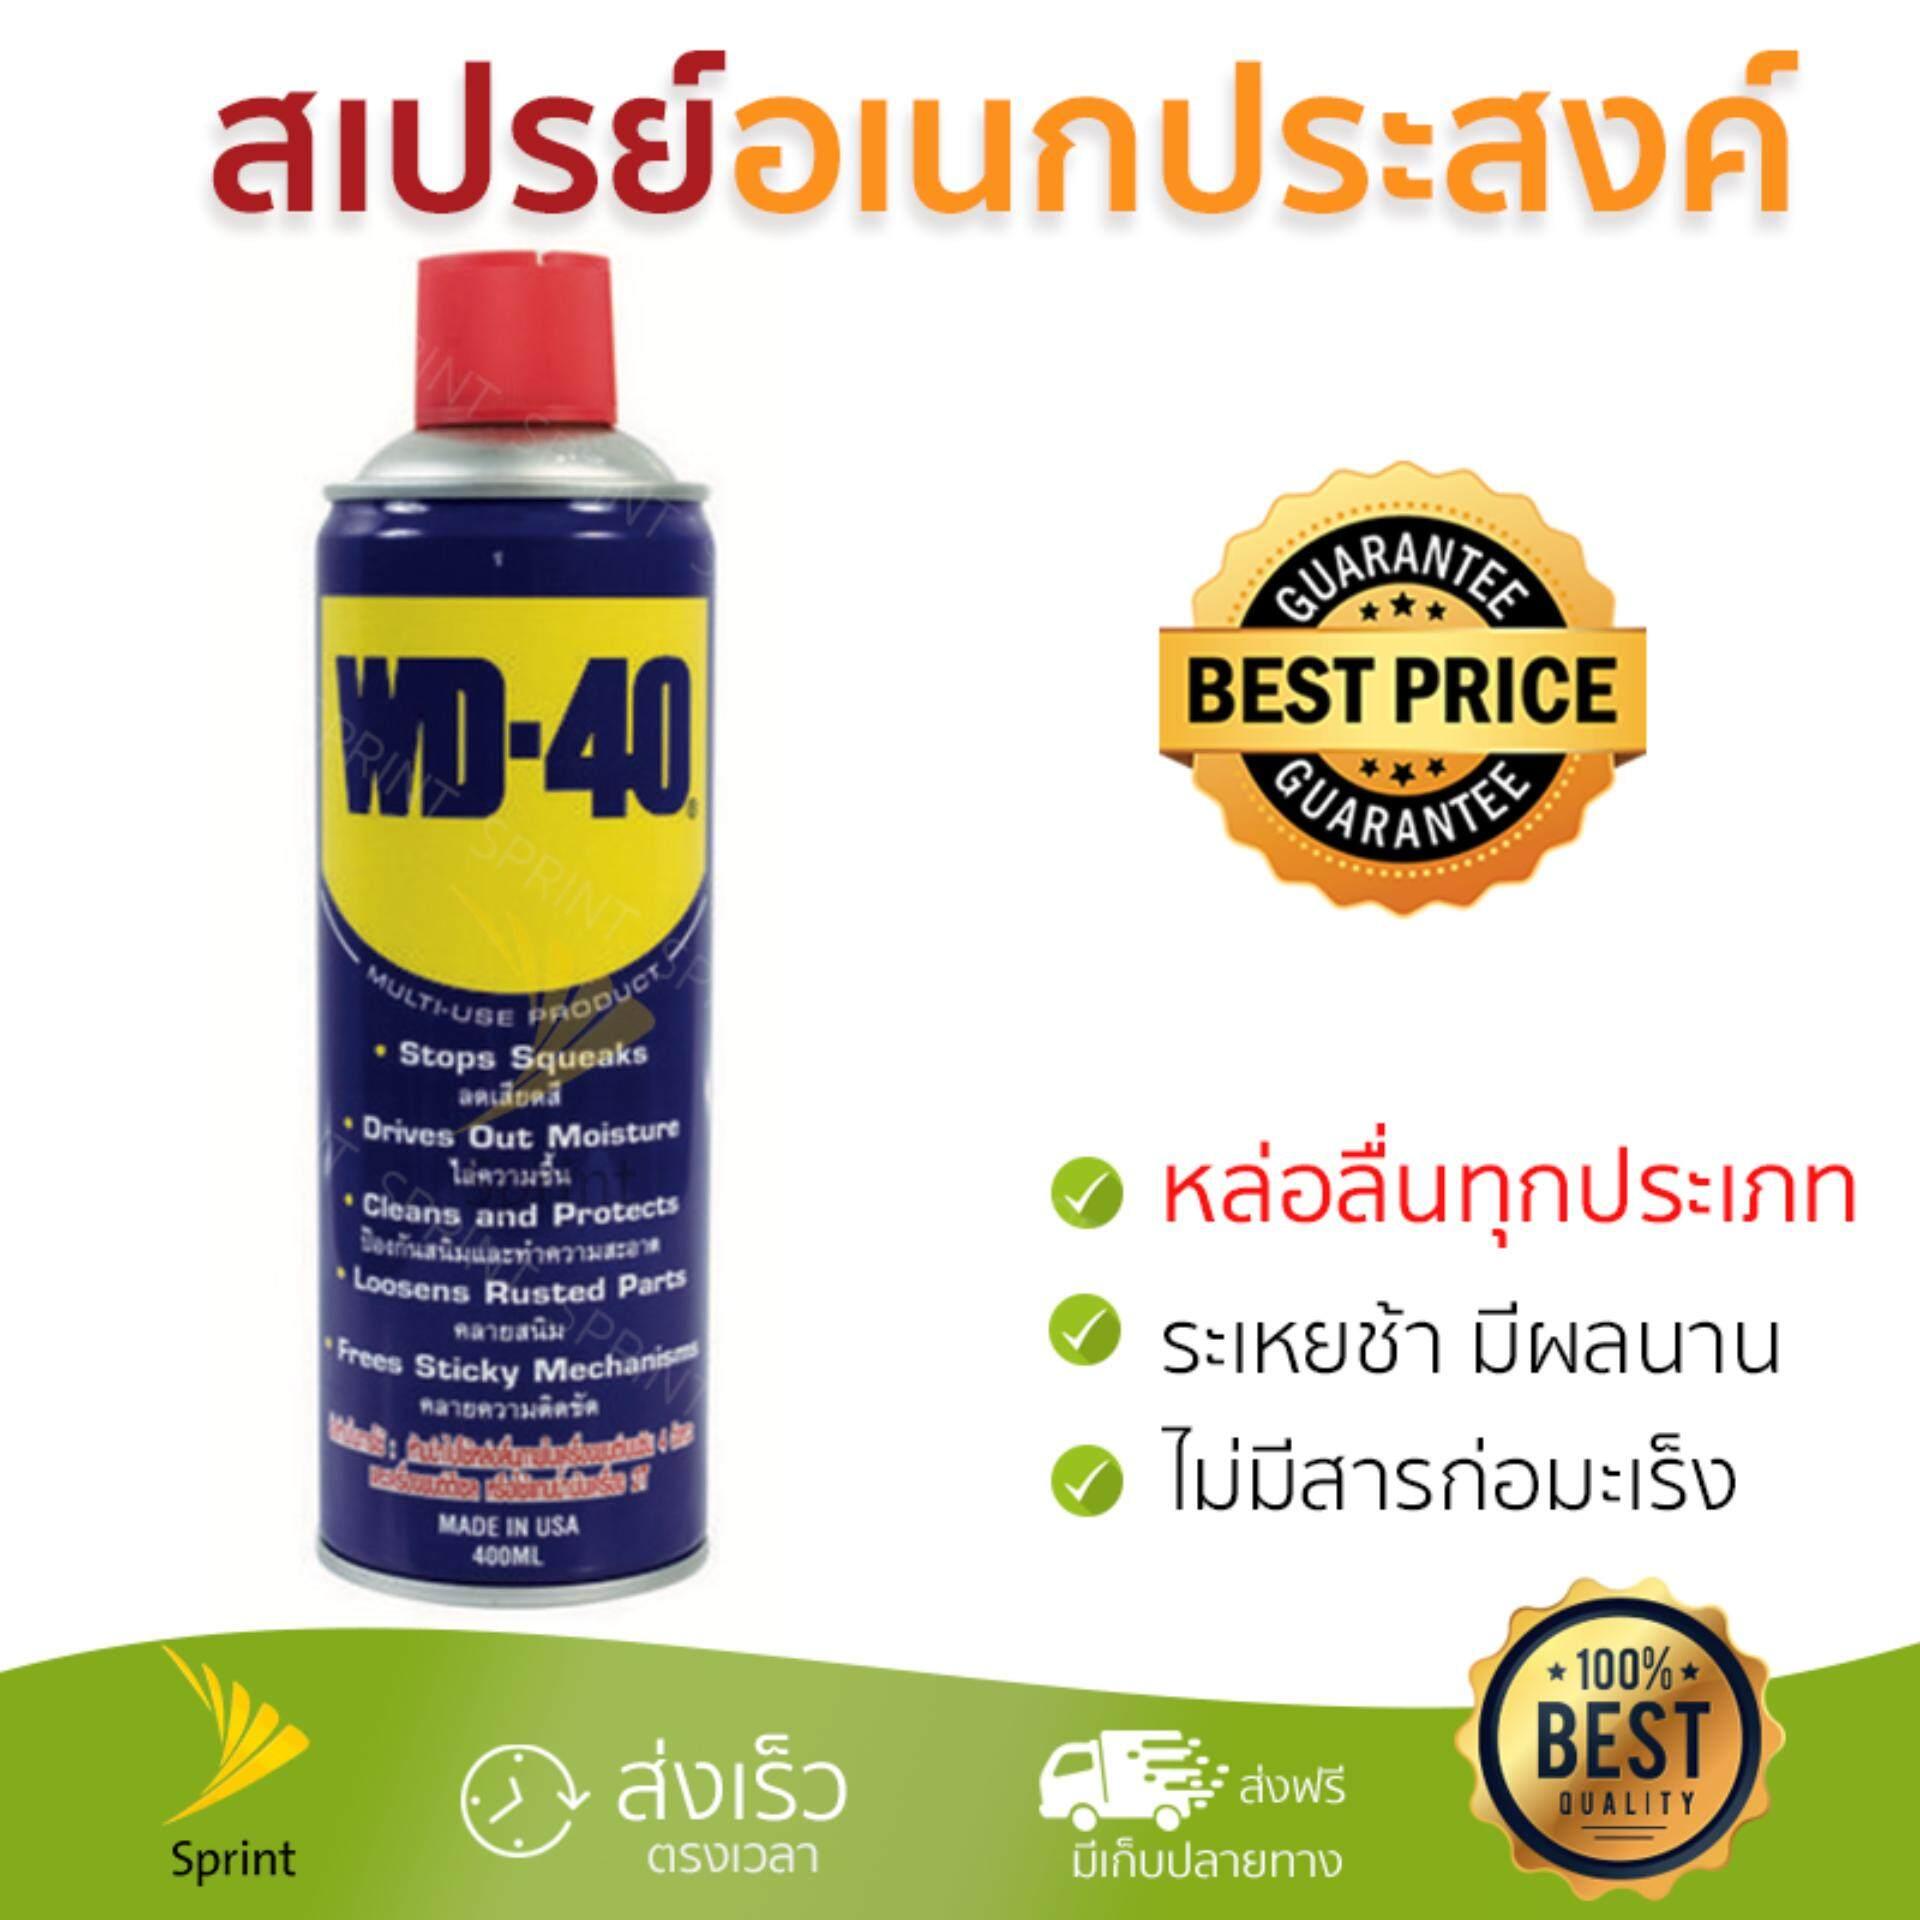 สุดยอดสินค้า!! สเปรย์หล่อลื่น ขายดีมาก สเปรย์อเนกประสงค์ WD-40400ML | WD-40 | 8855928005482 ไล่ความชื้นได้ดีมาก ป้องกันสนิม ใช้ง่ายอเนกประสงค์ Lubricants Spray จัดส่งฟรี Kerry ทั่วประเทศ